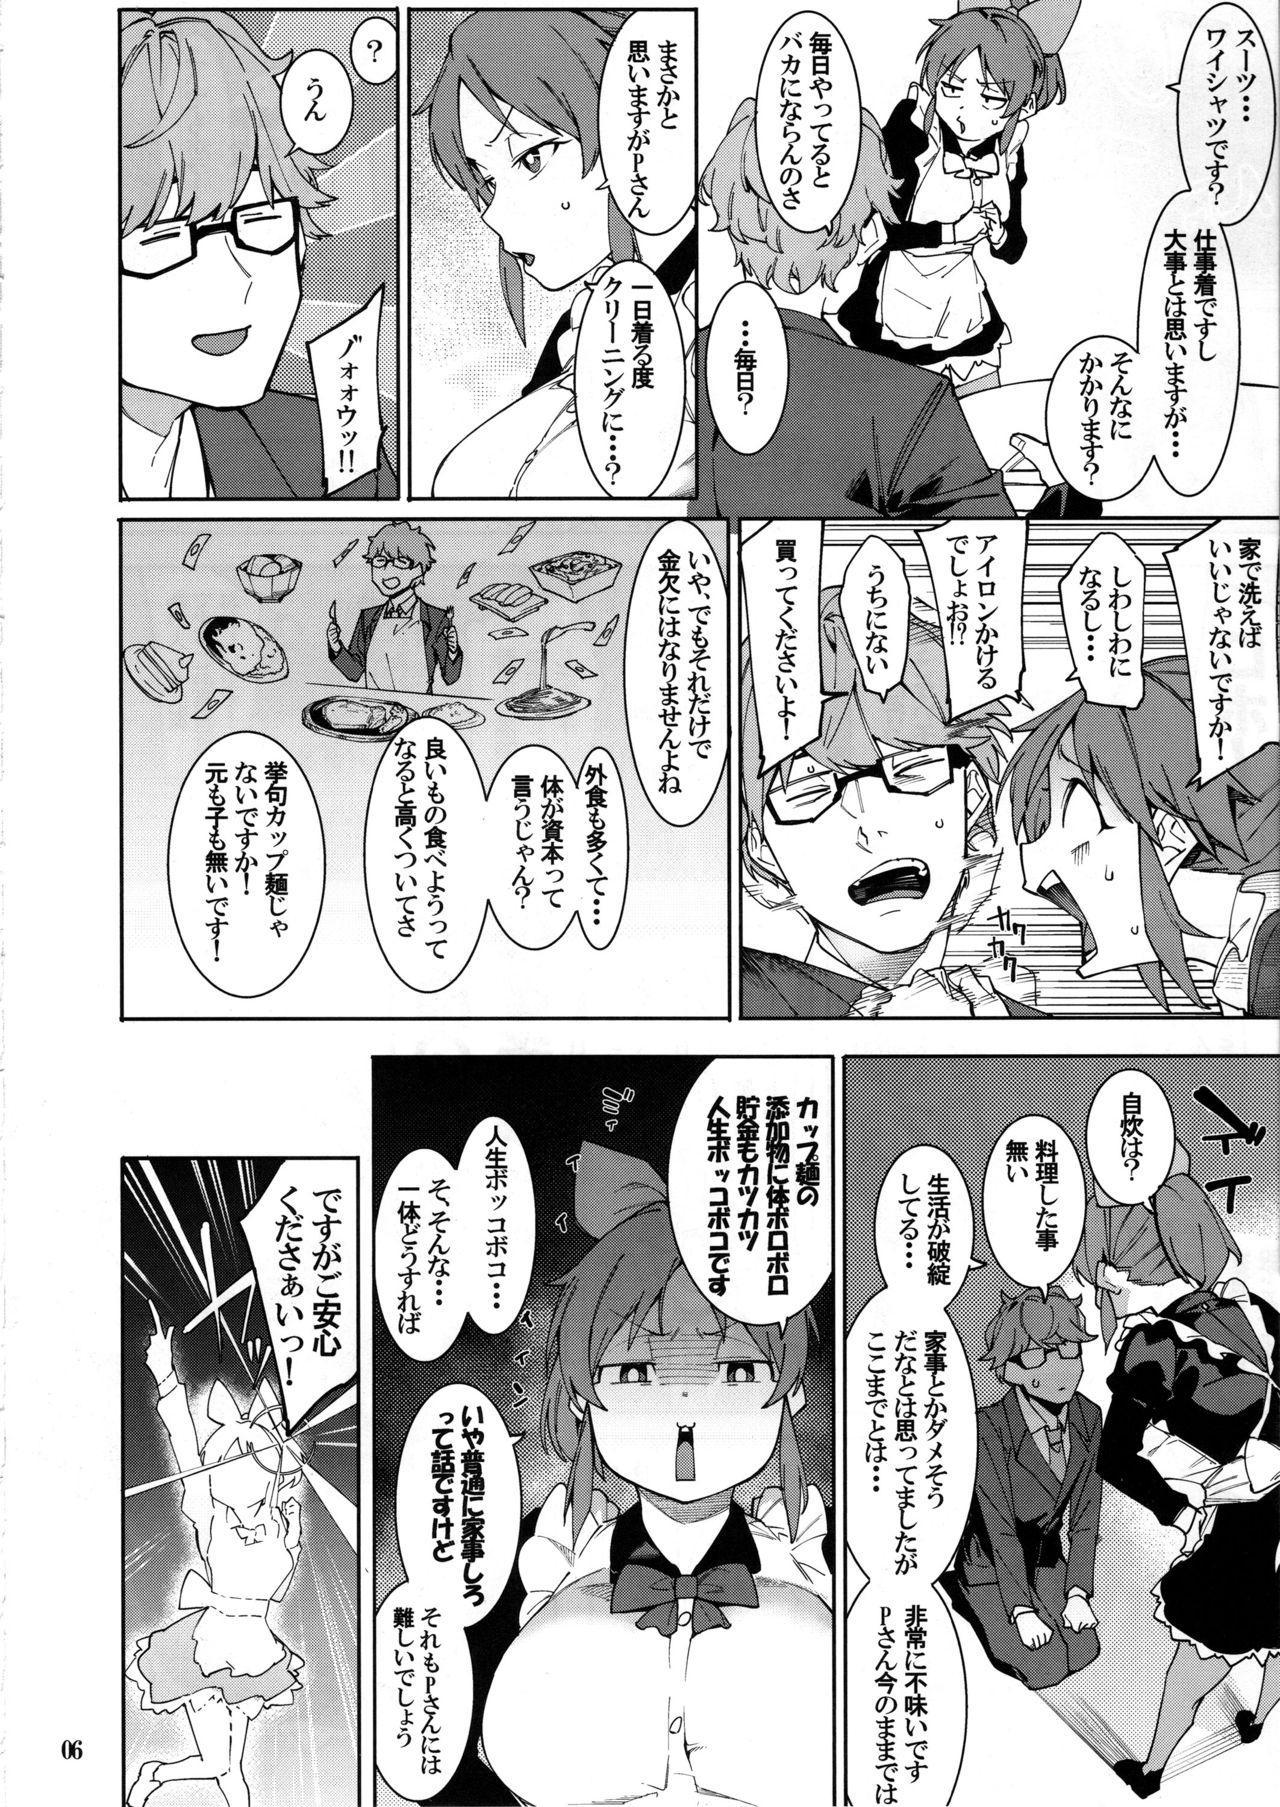 Tabegoro Bunny 4